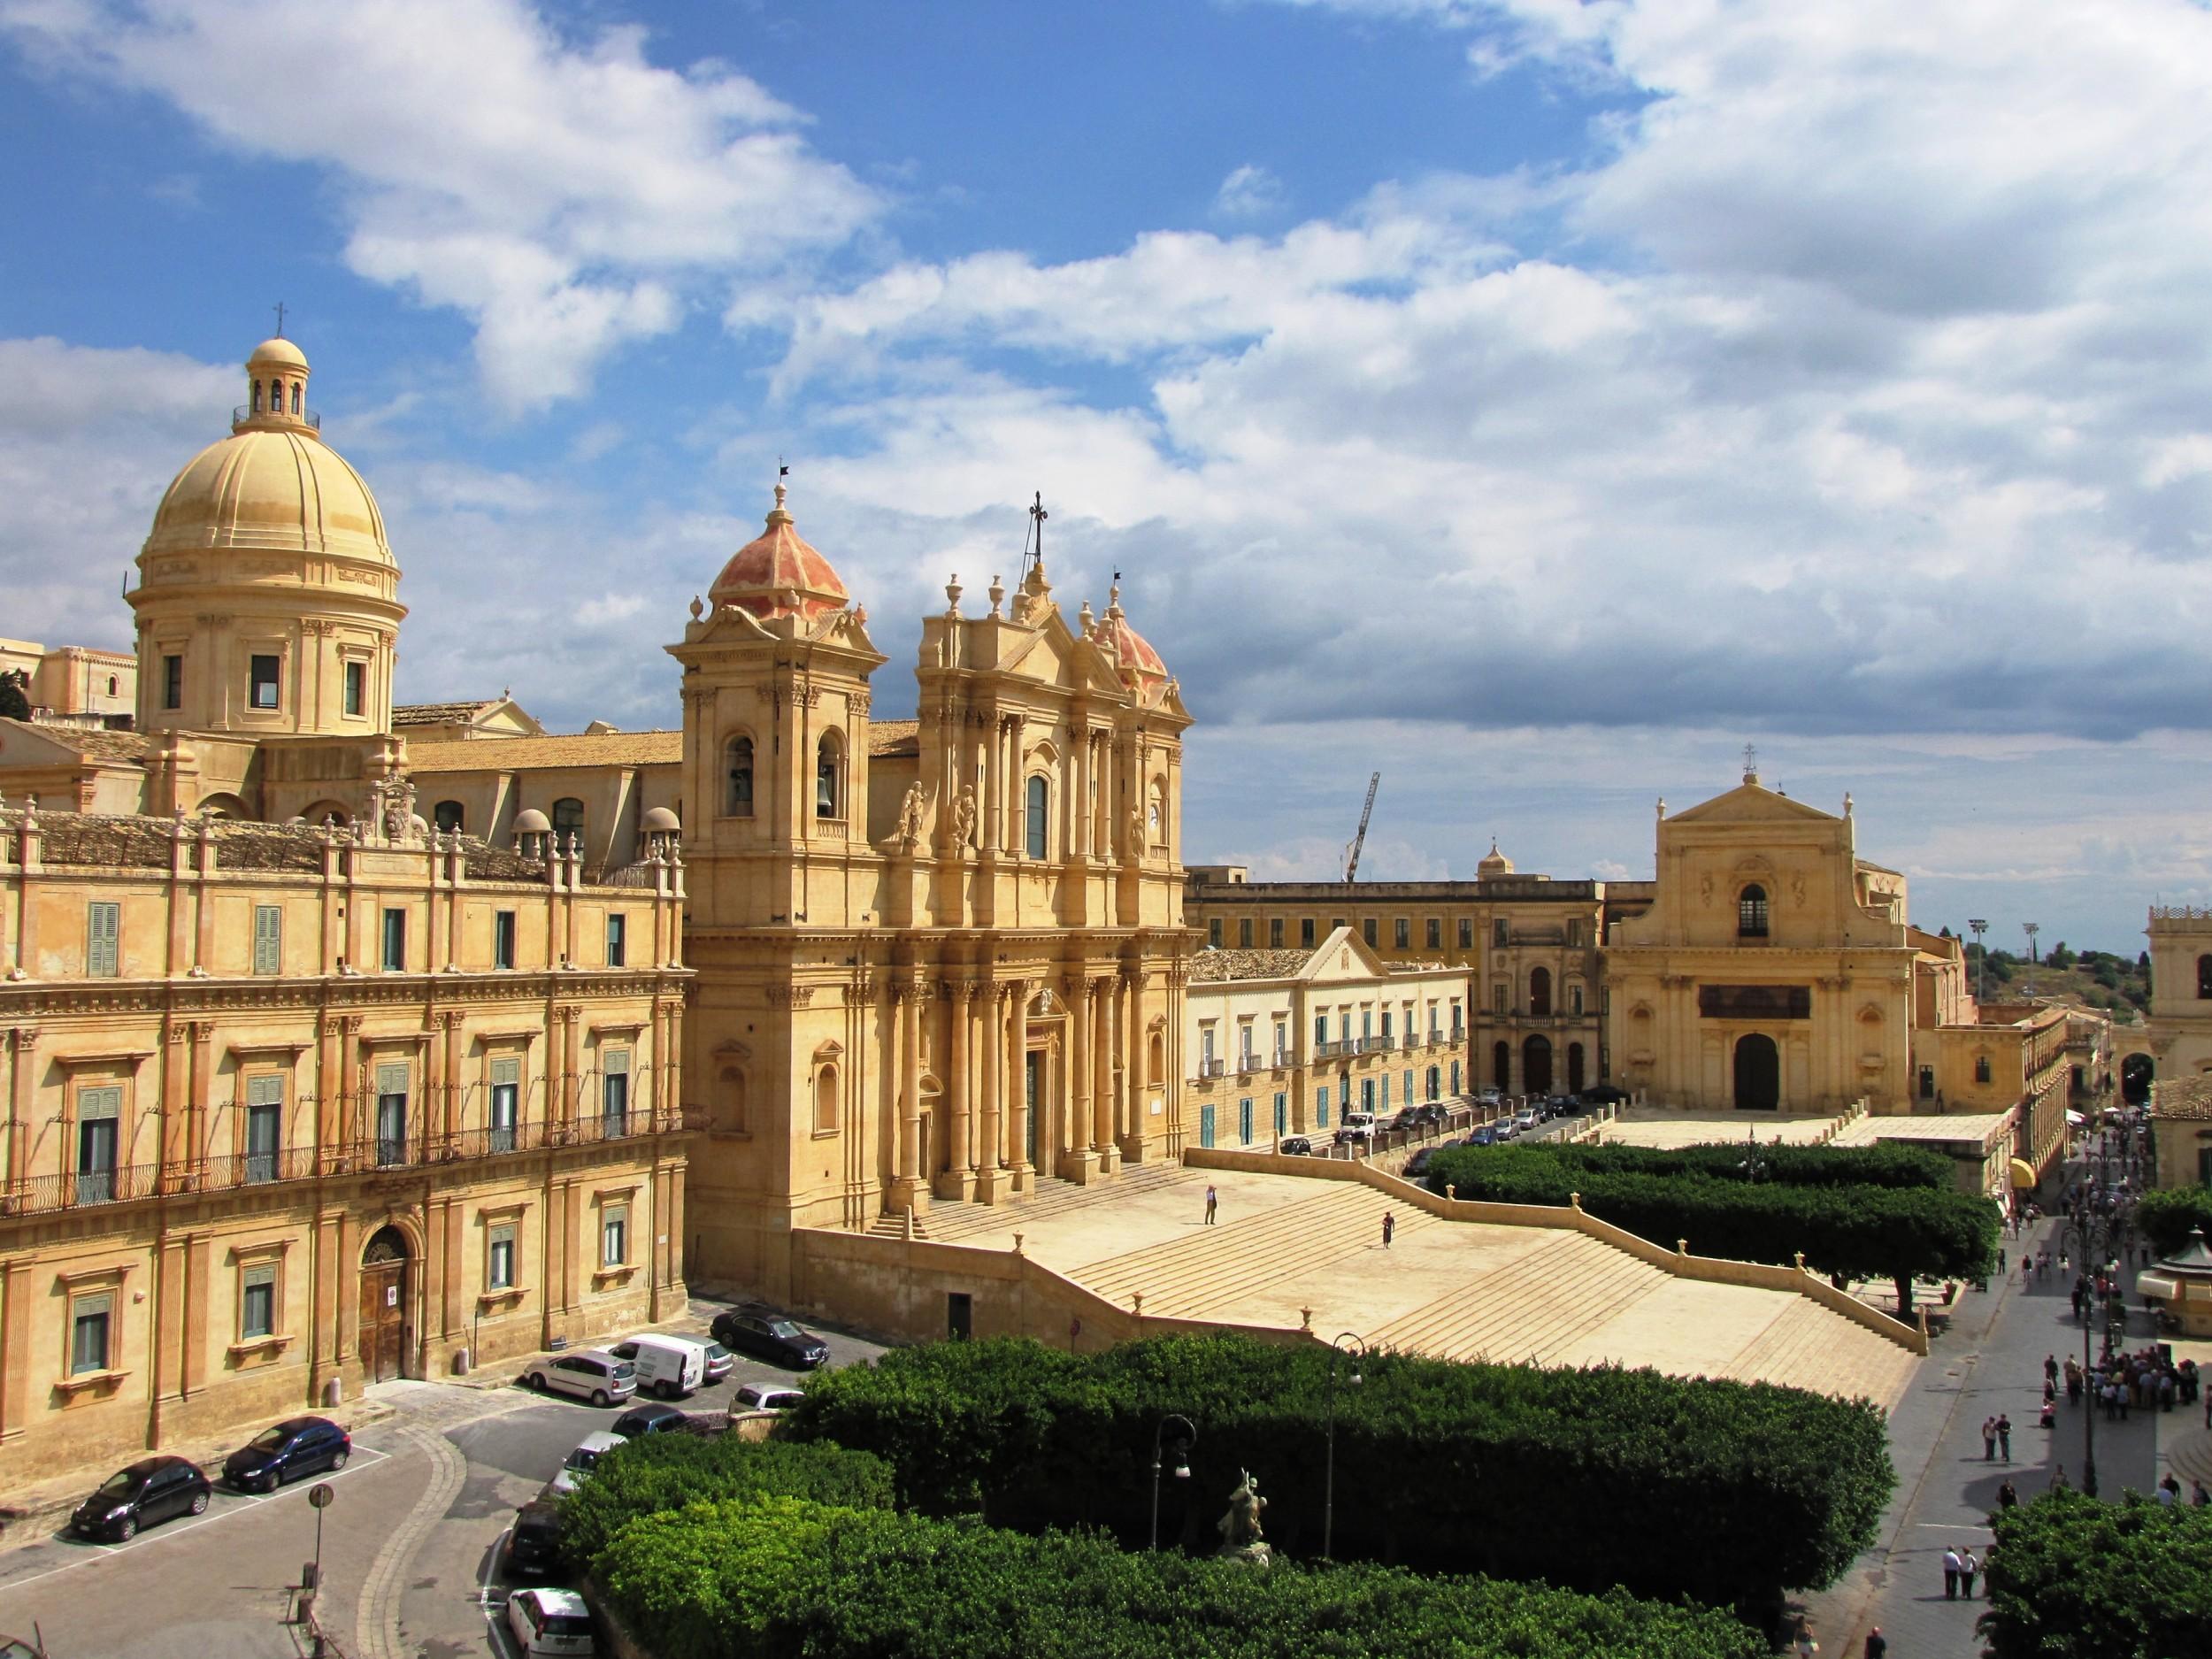 Città di Noto (Siracusa) la capitale del barocco in ...